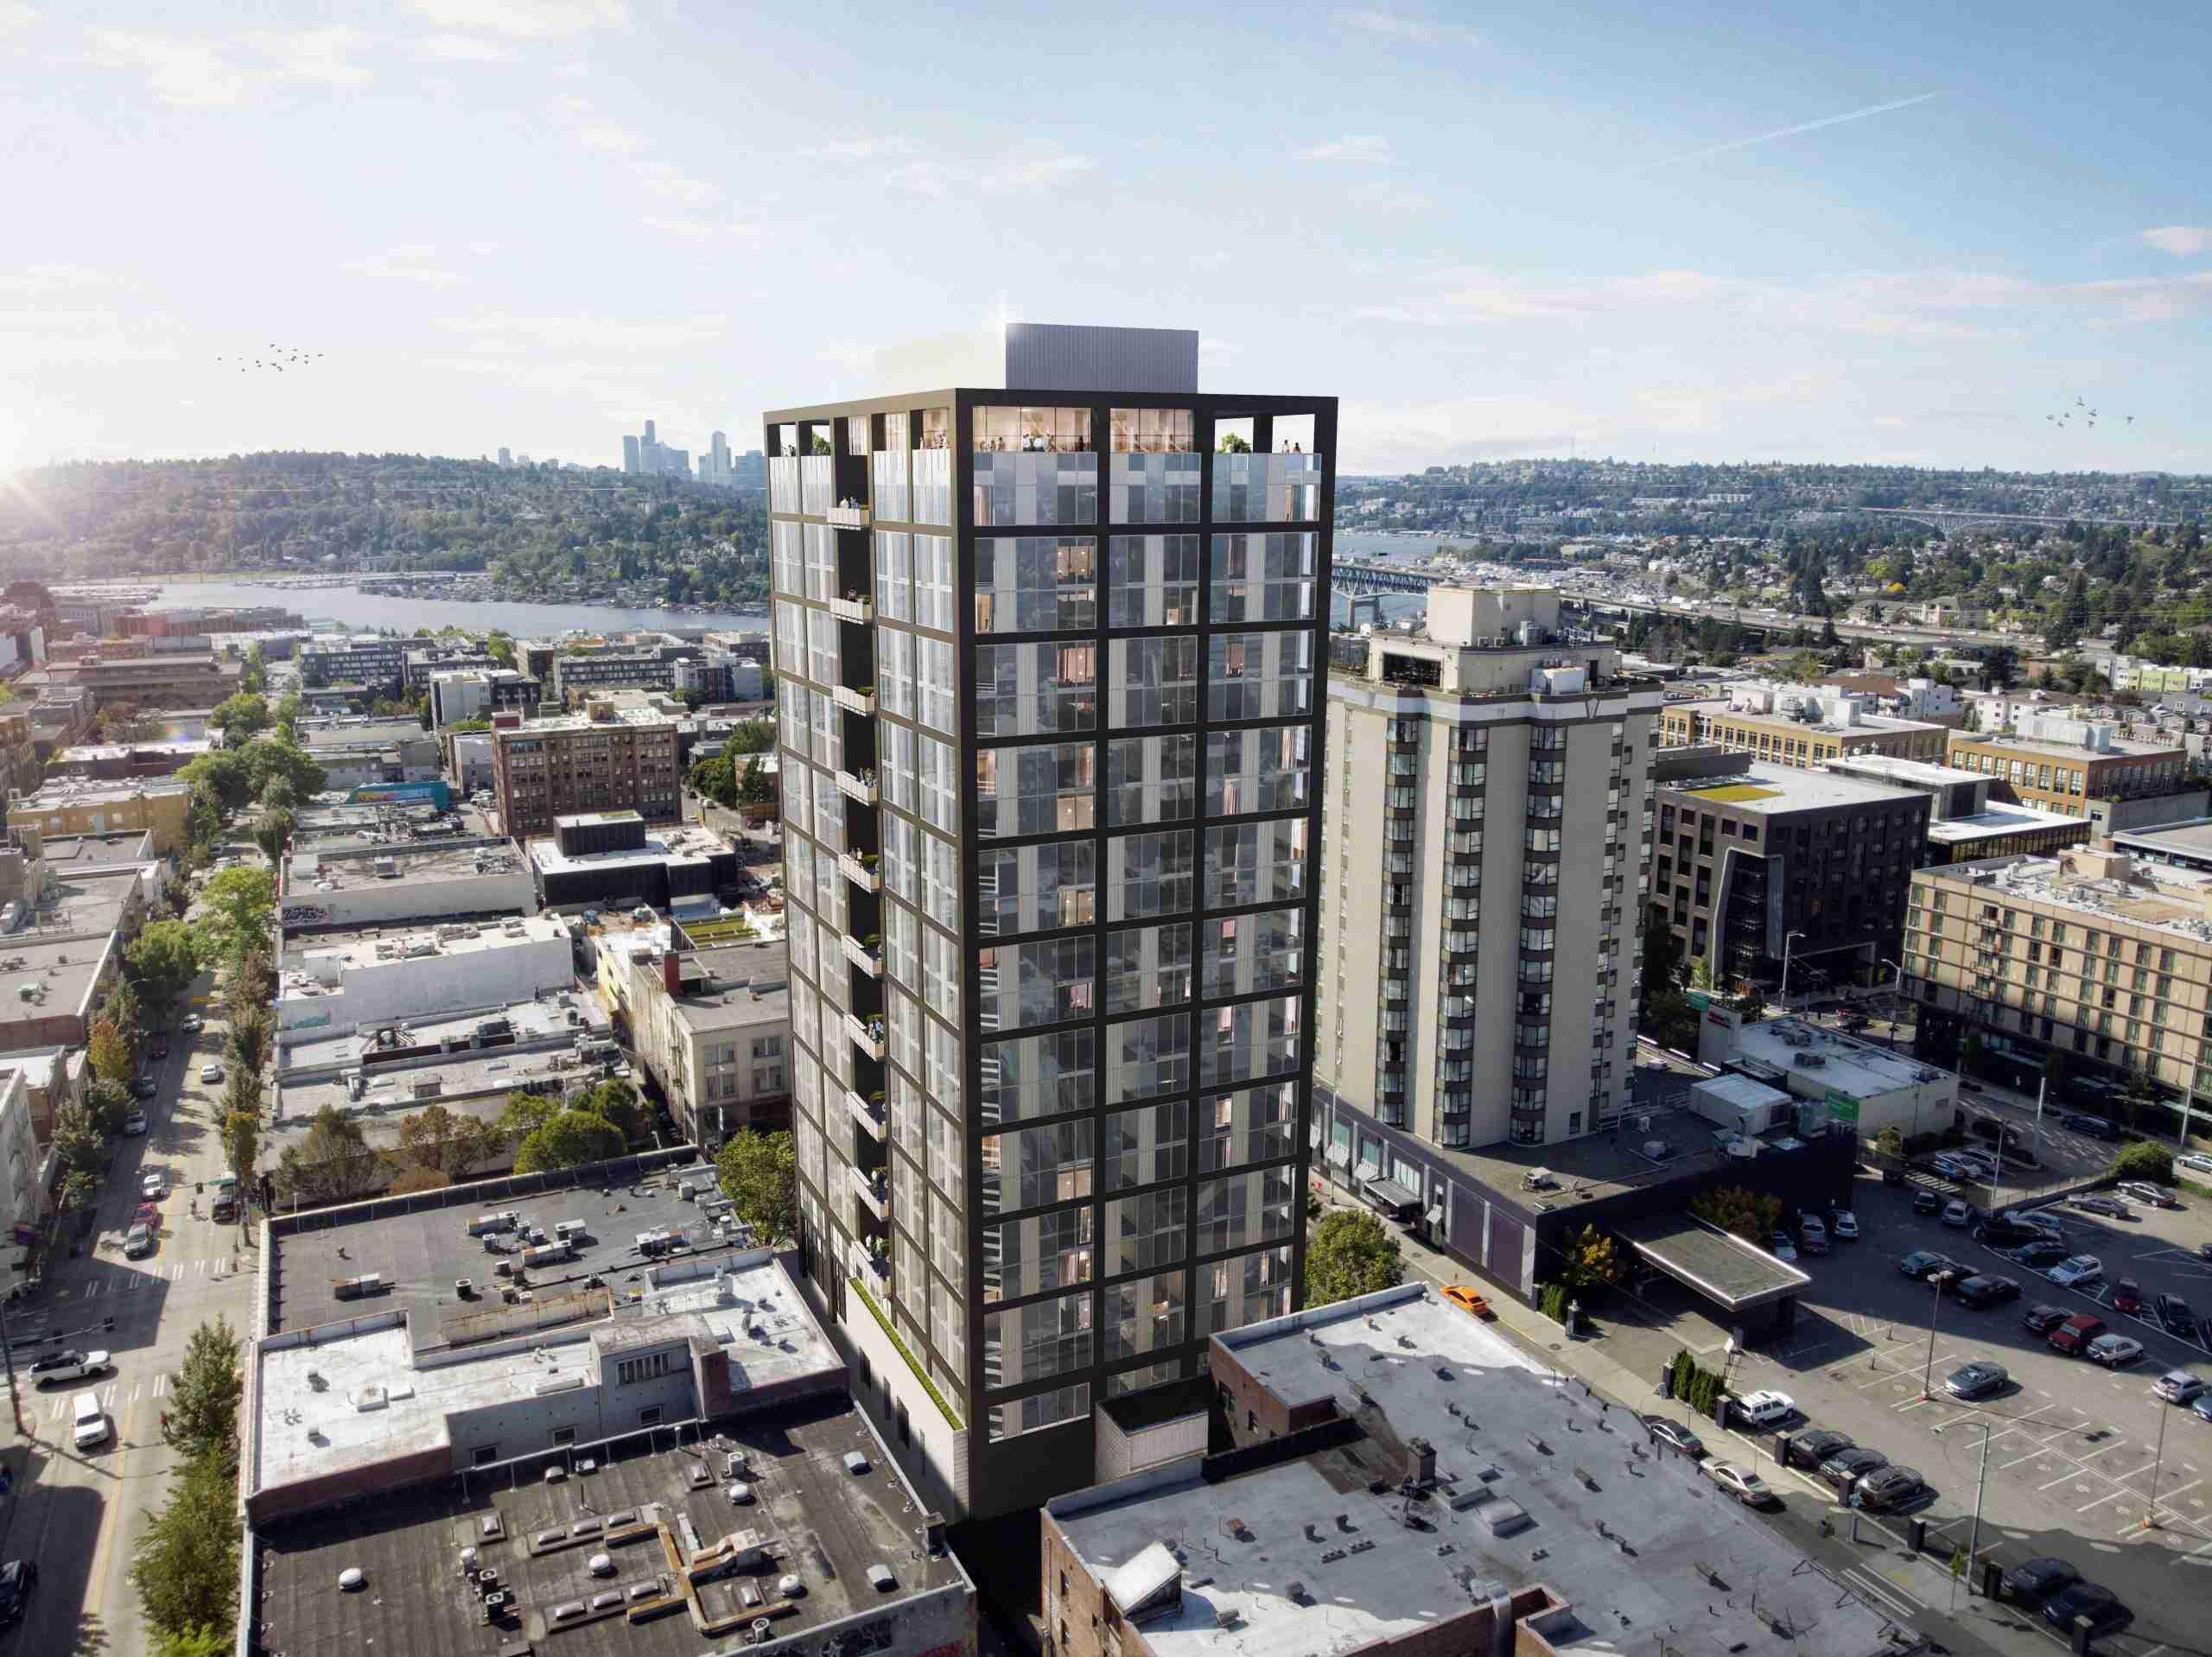 1300 NE 45th Street tower rendering